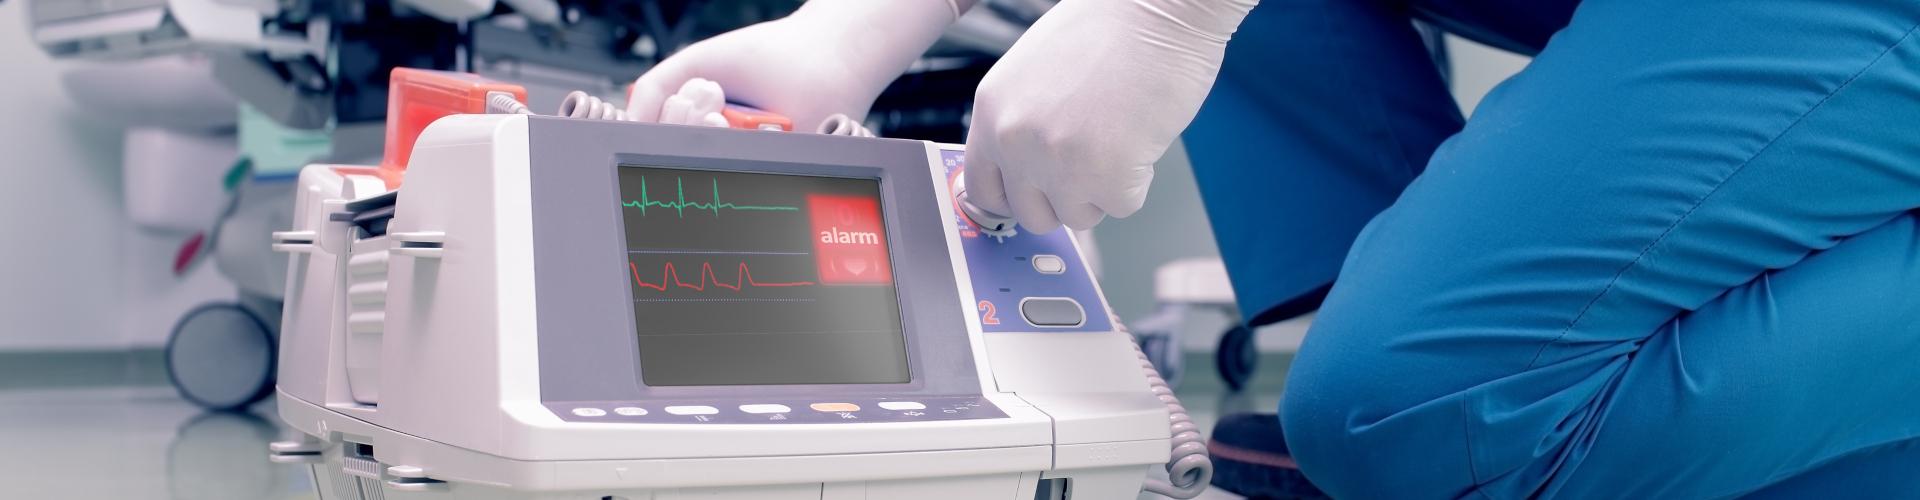 Für Krankenwagen werden Mobile akkubetriebene Gerätschafften benötigt.